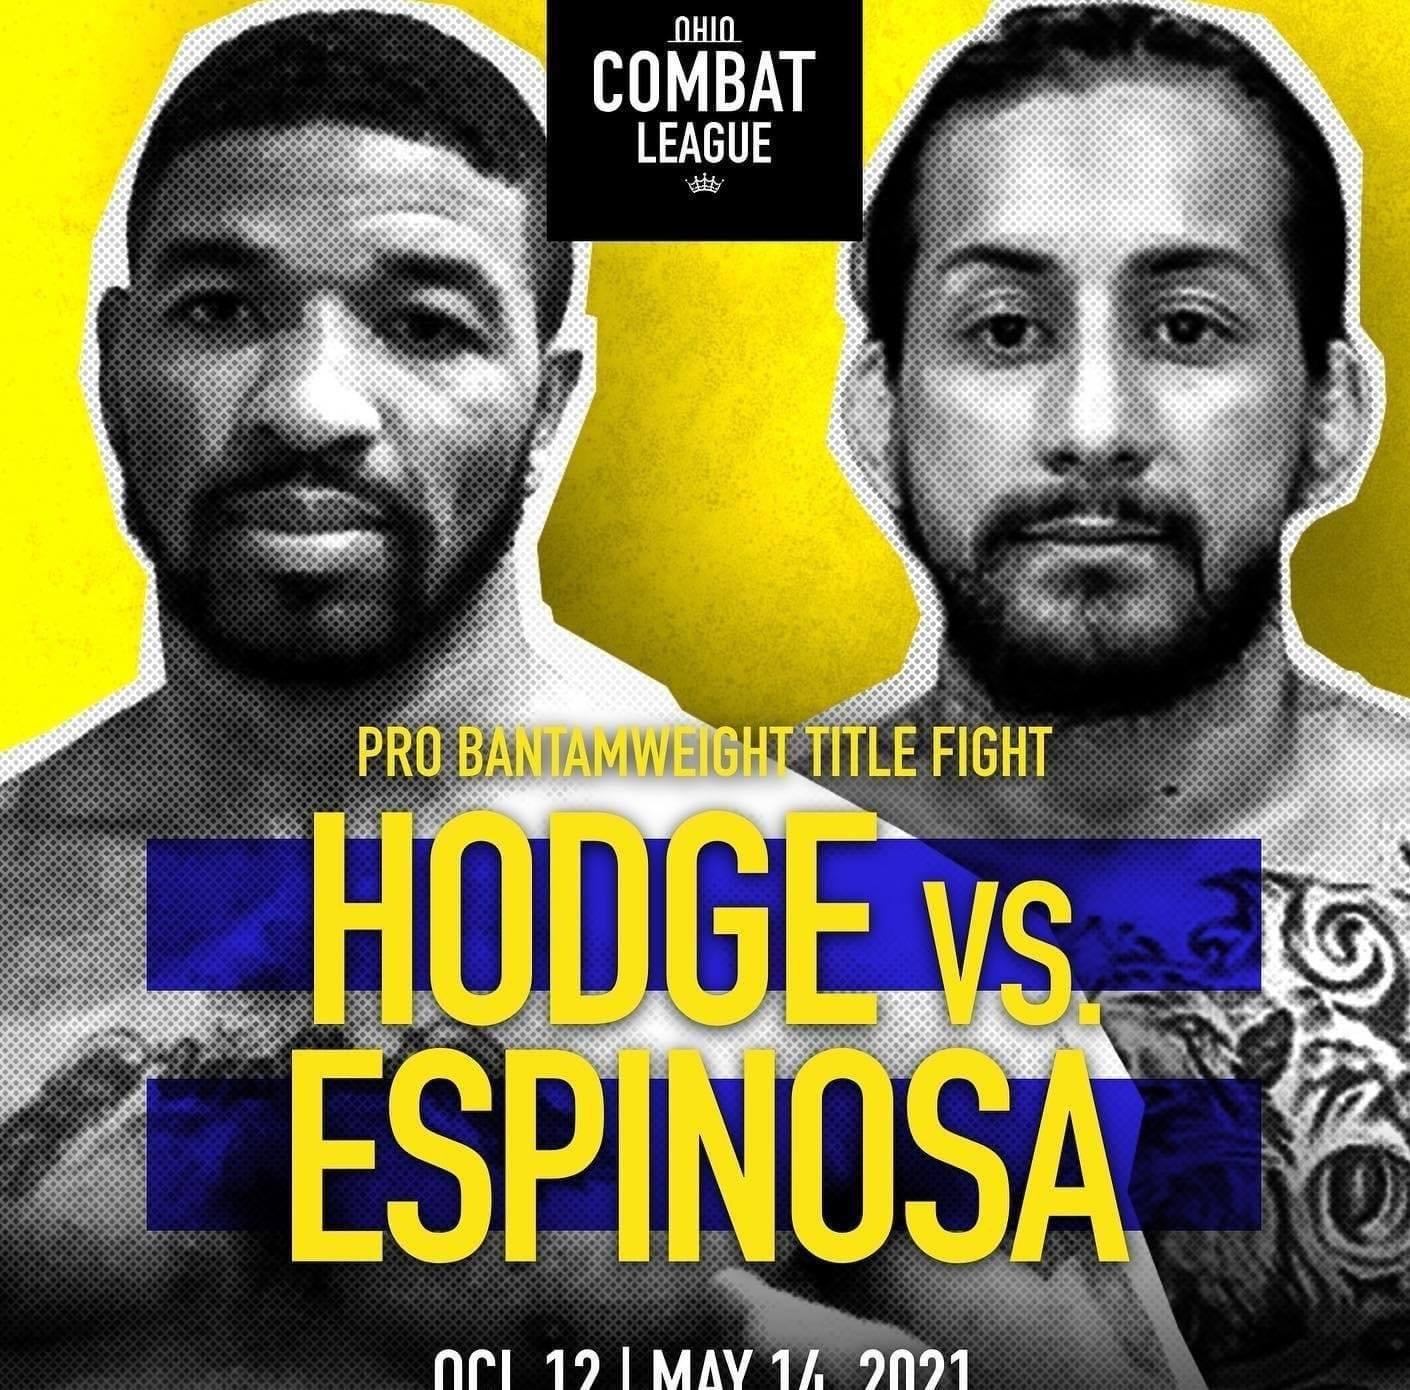 Tommy Espinosa vs Jerrell Hodge, OCL 12